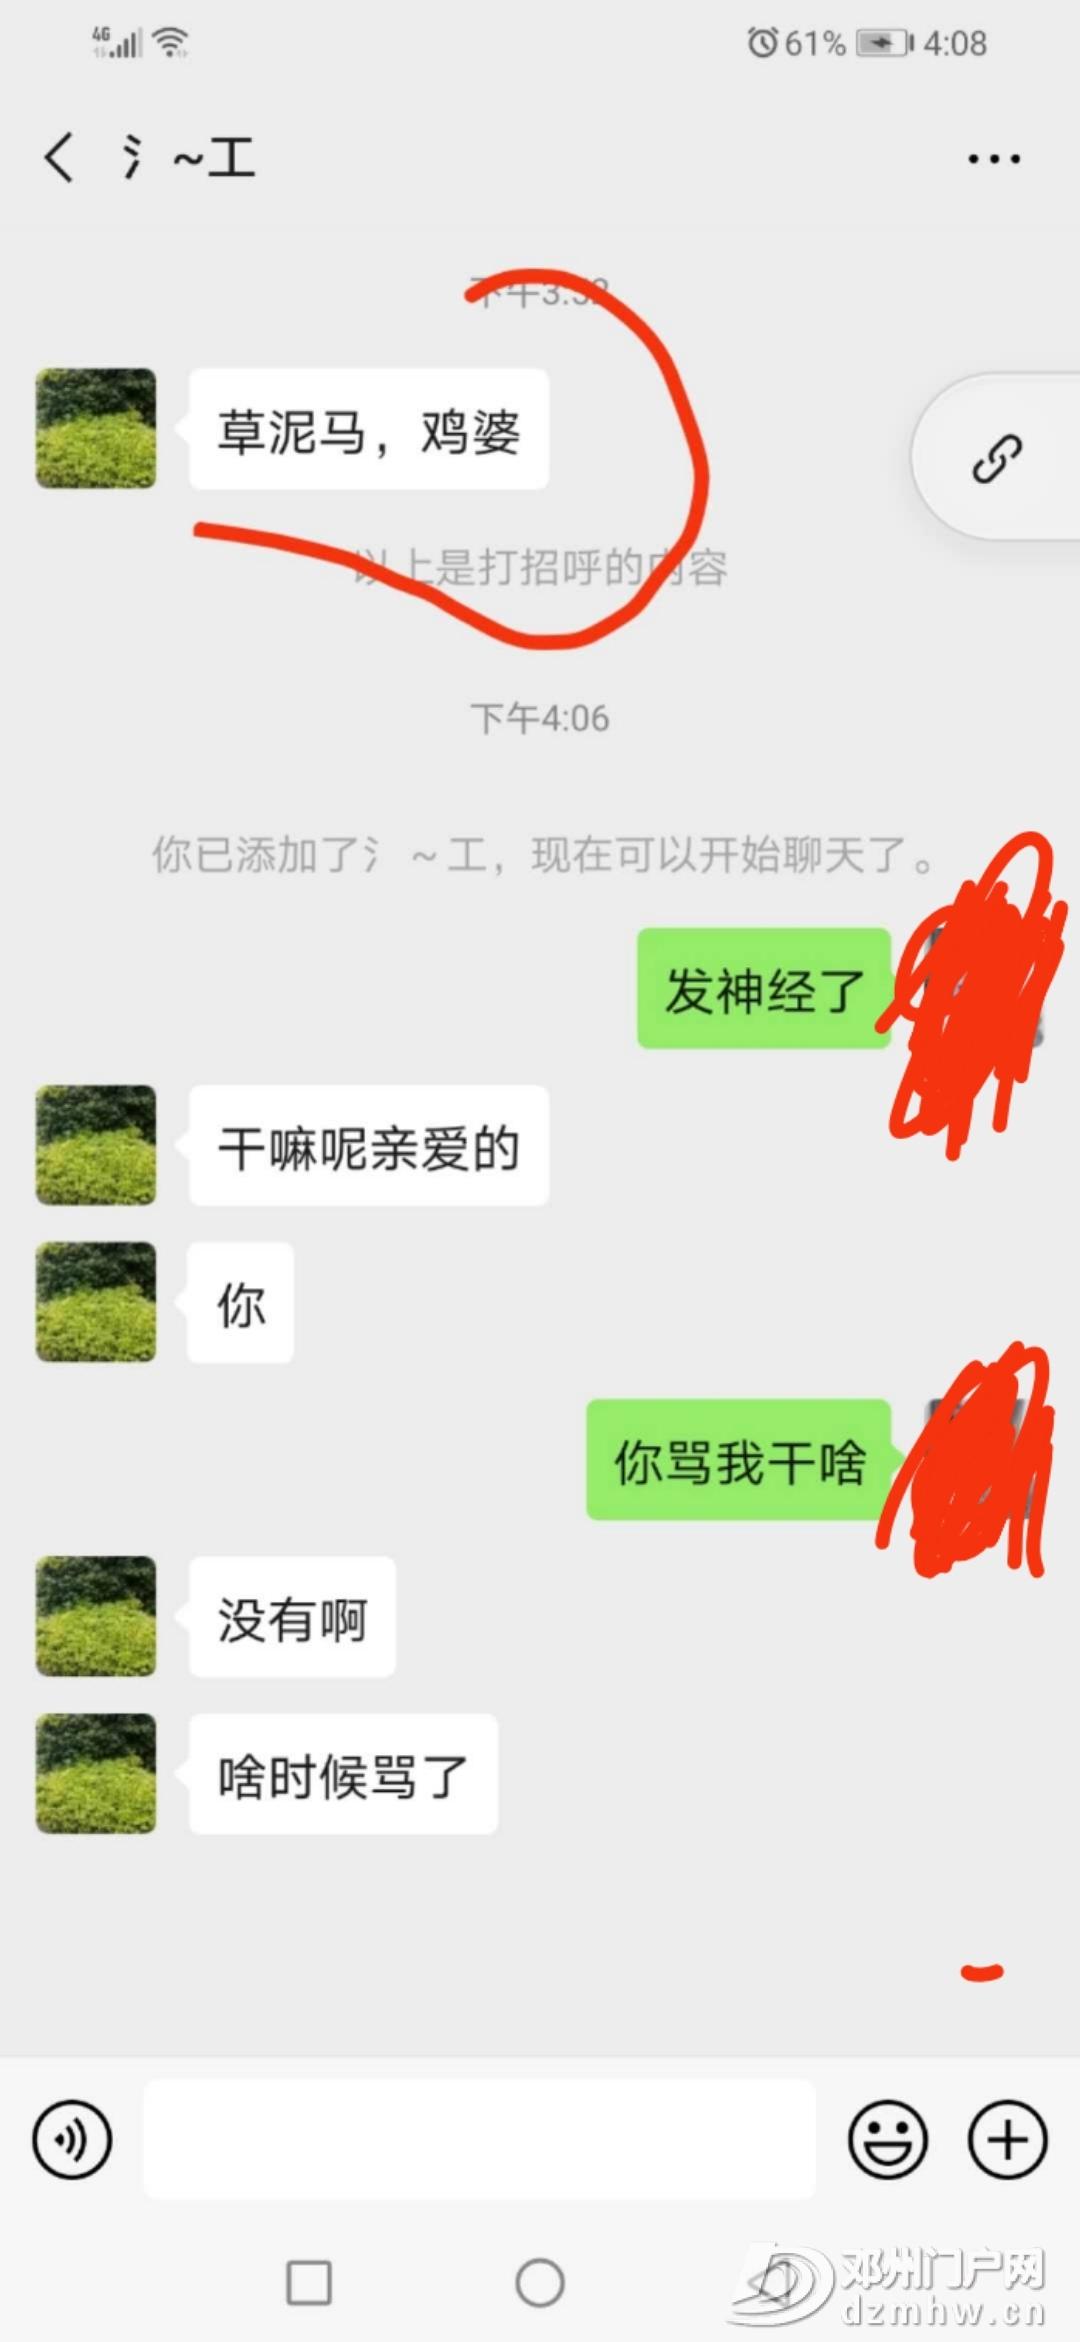 邓州事儿微信群,变态人员微信号曝光! - 邓州门户网|邓州网 - 微信图片_20200302212750.jpg